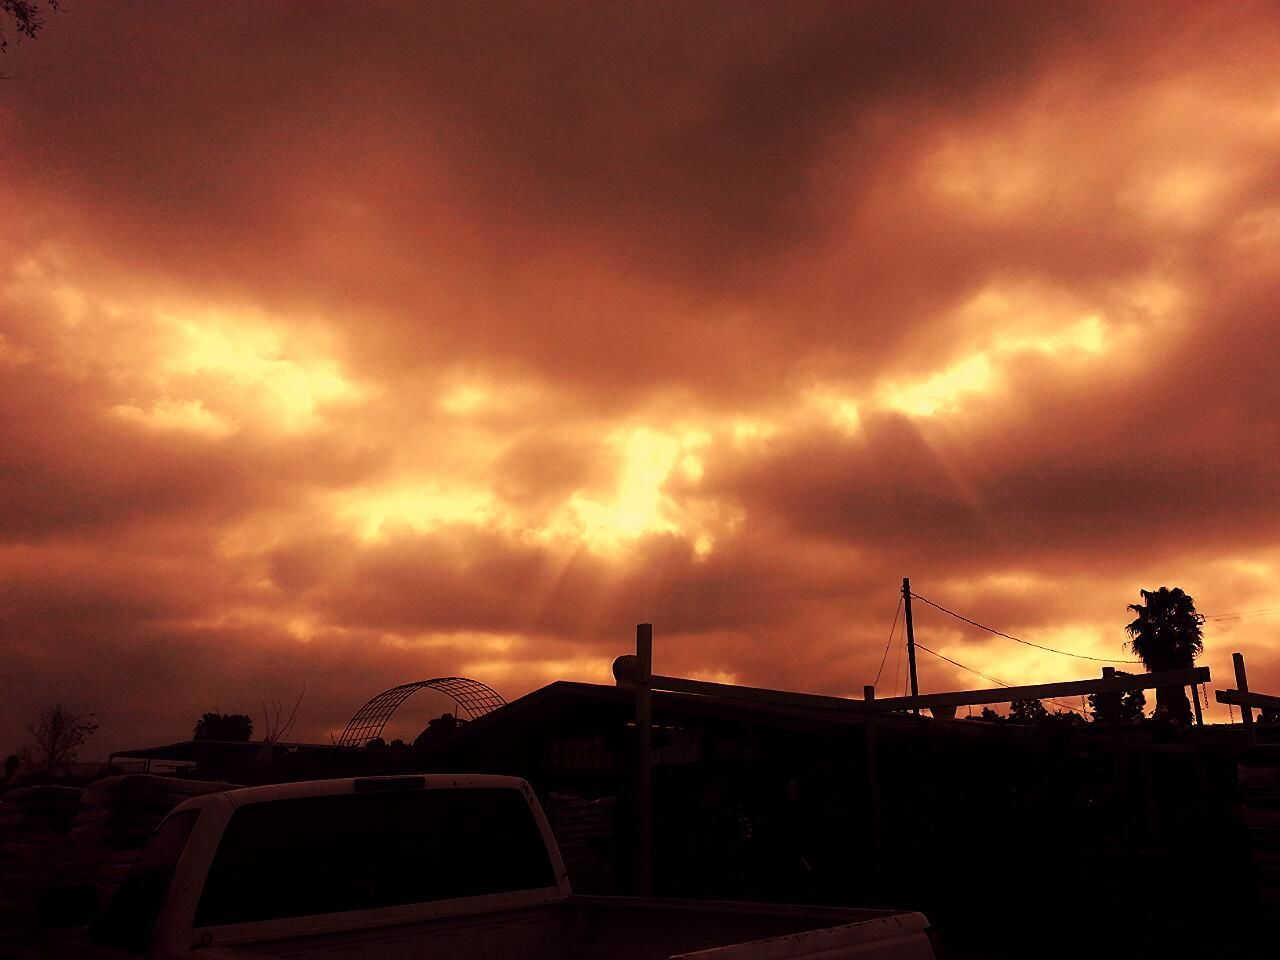 Los Angeles, California Bloodredsky Morning lightreys